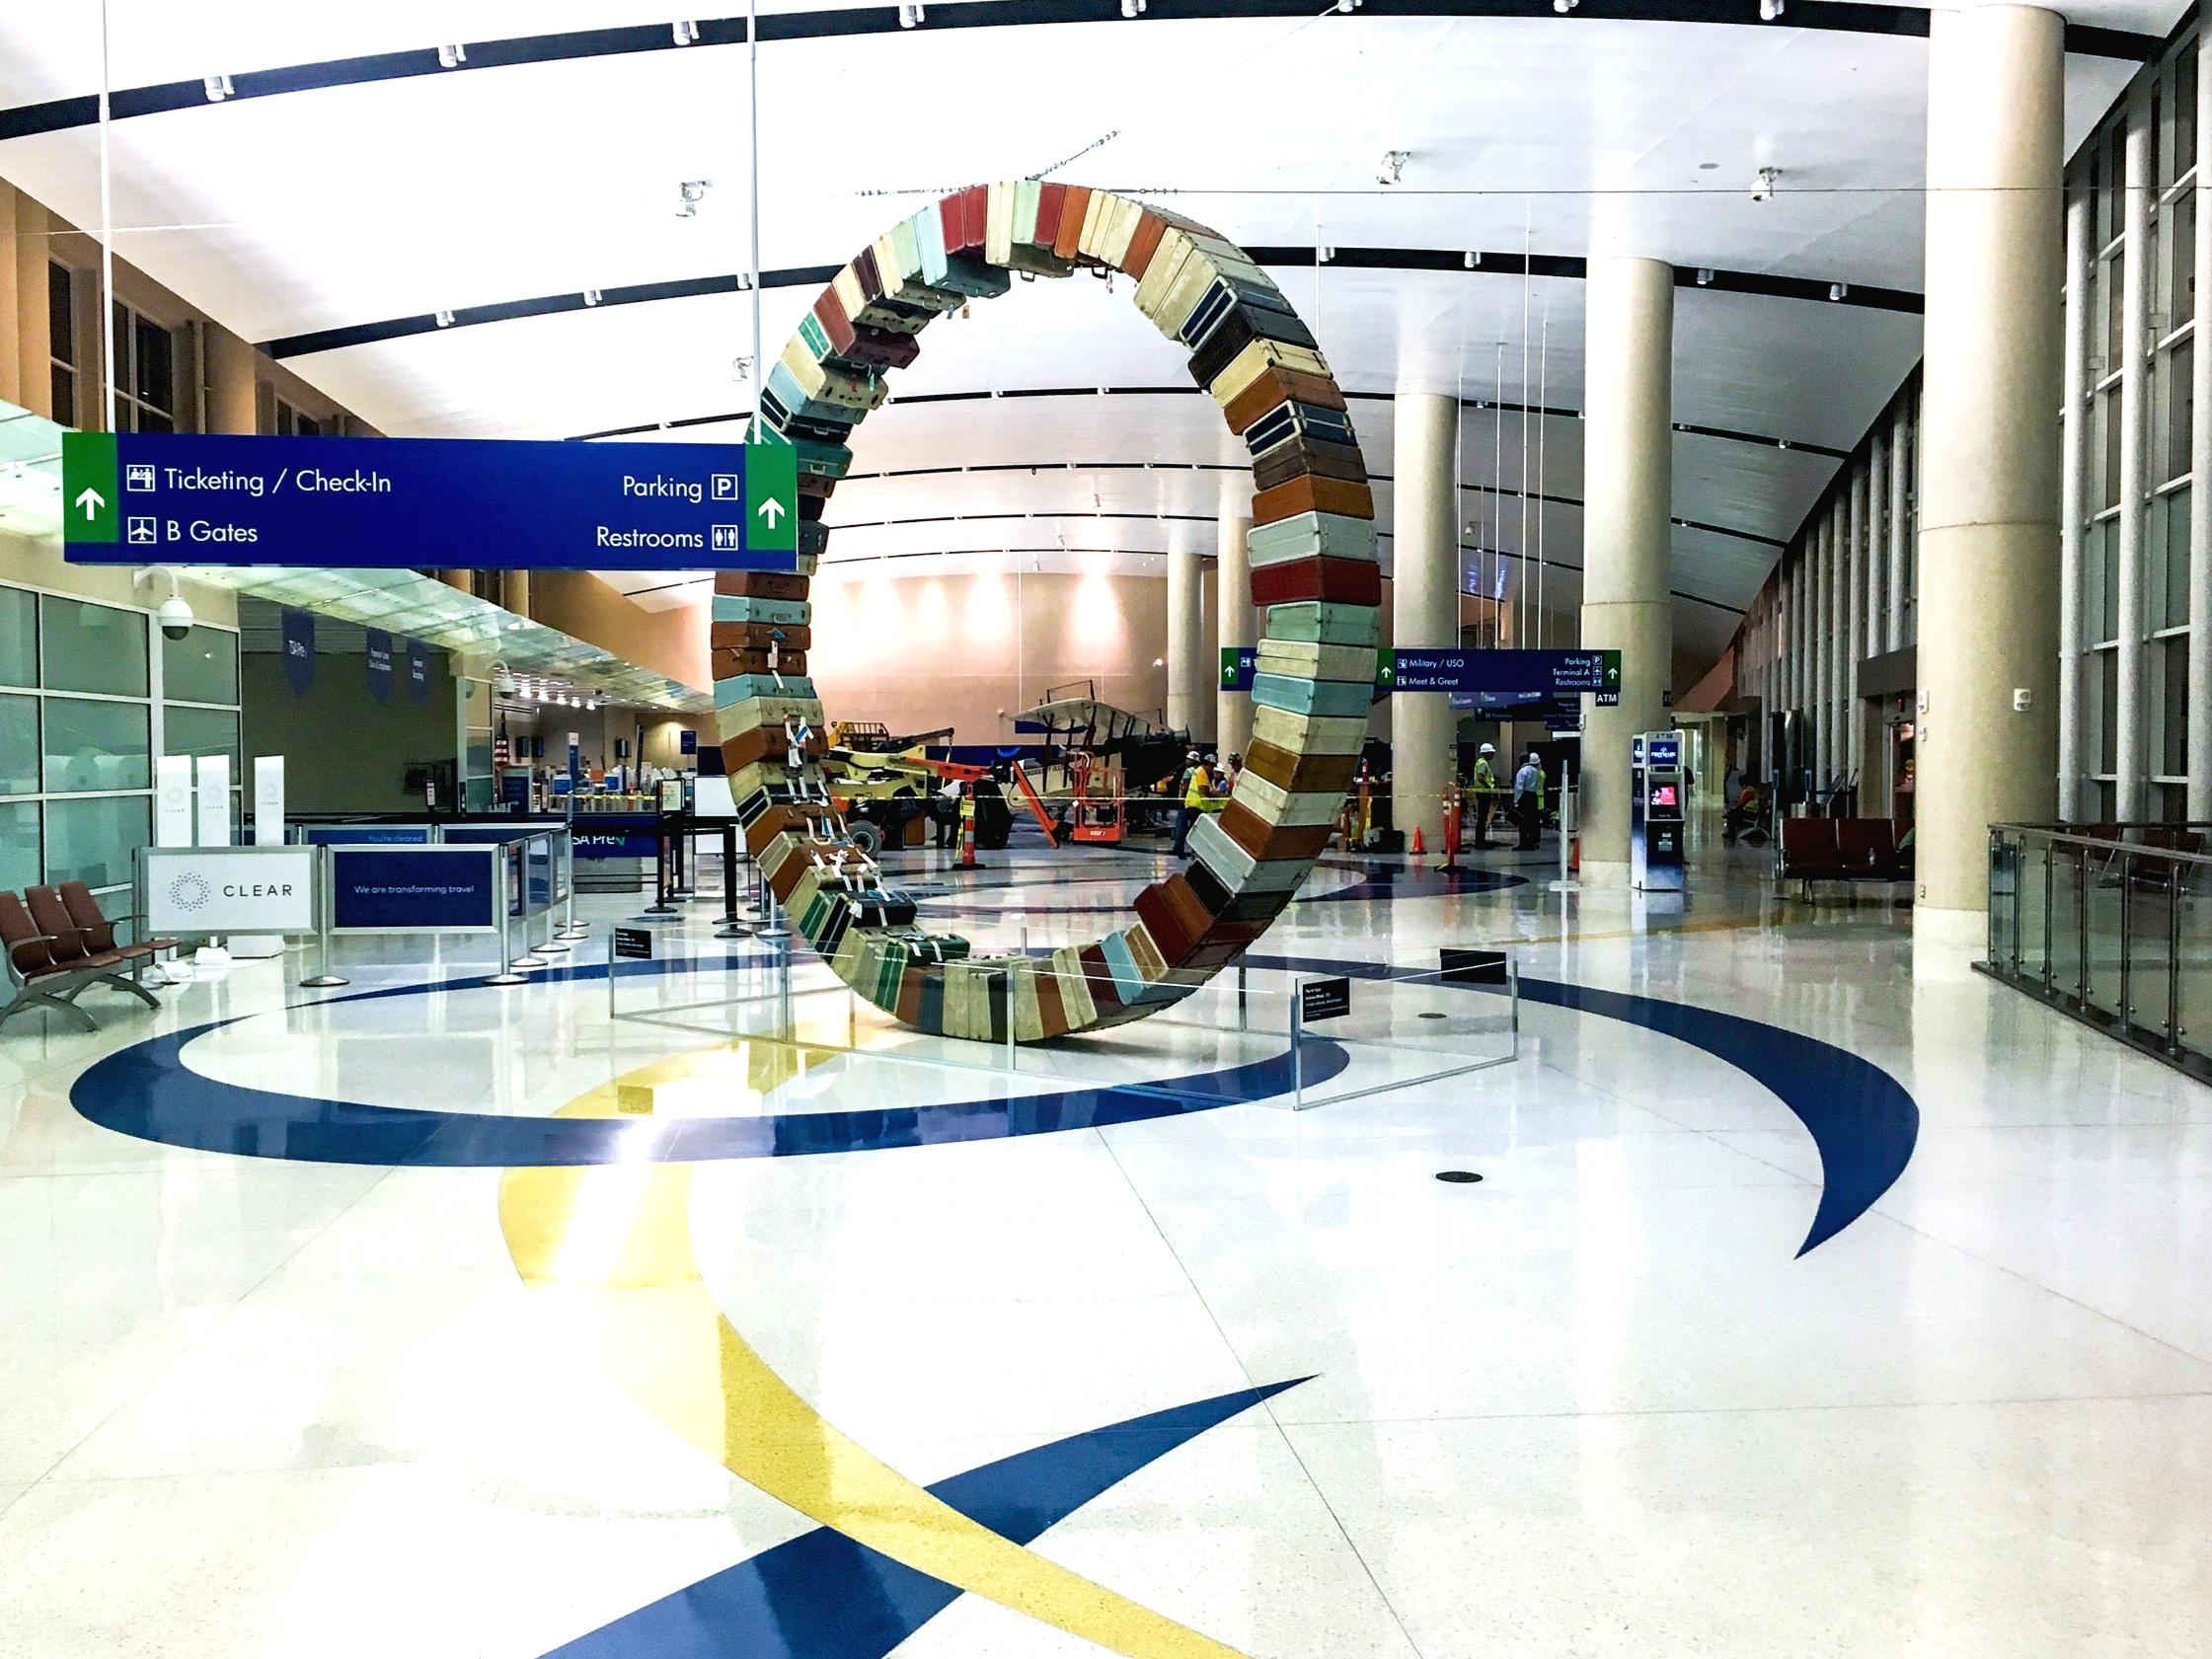 COSA Airport Jenny Aircraft Display